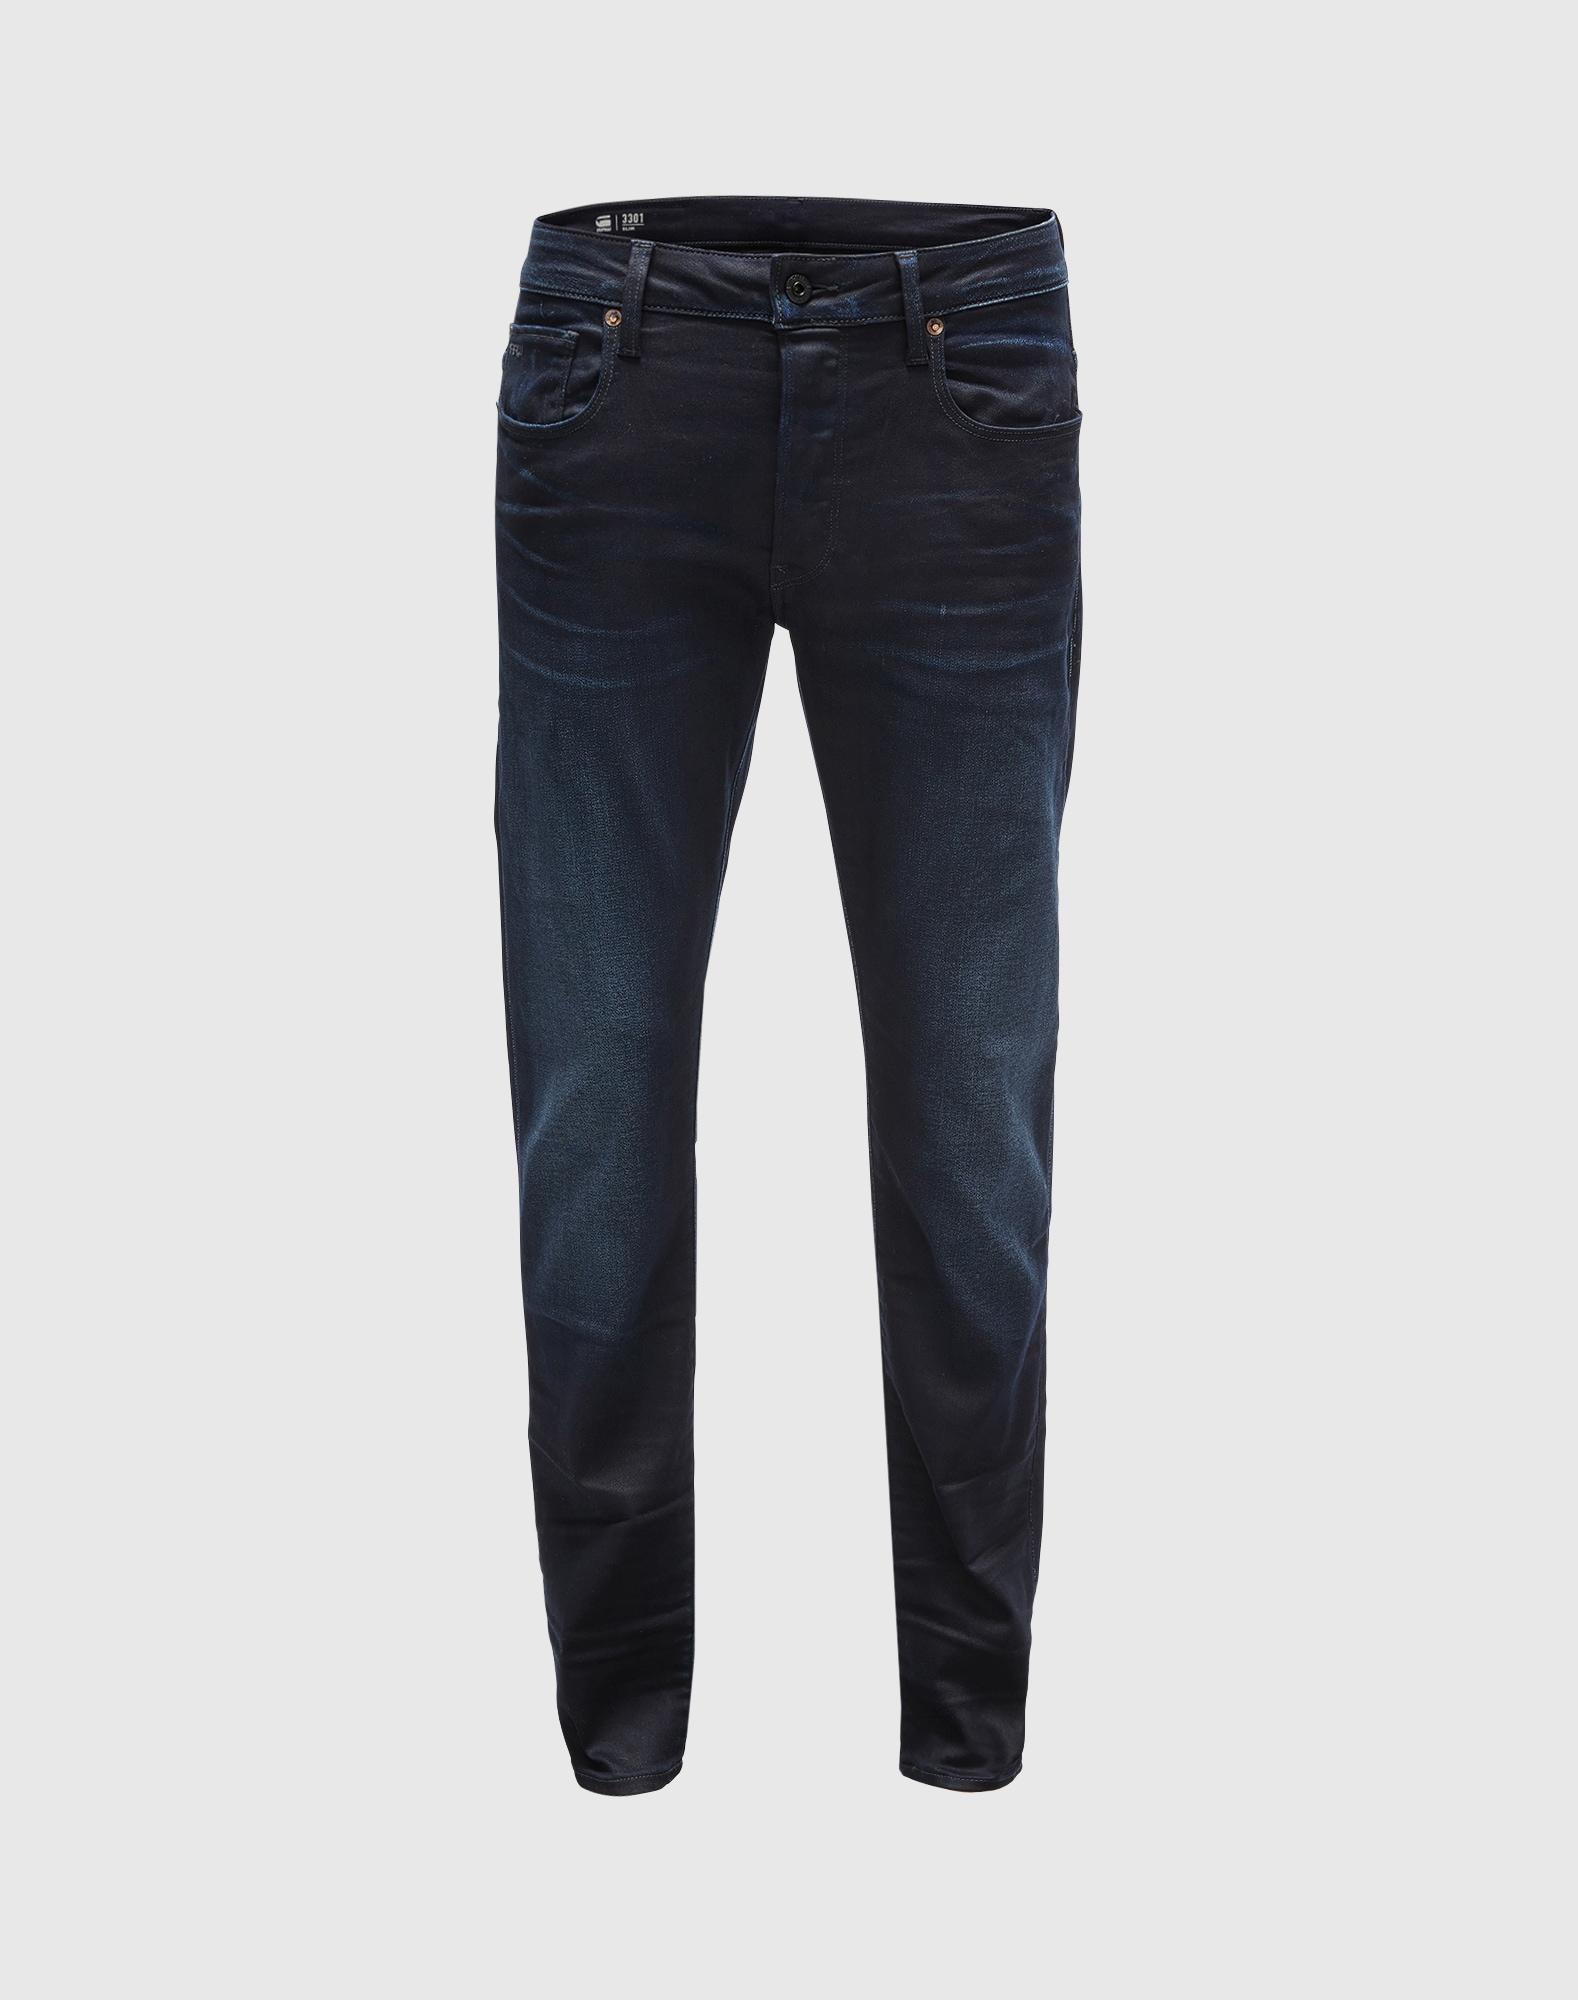 G-Star RAW Jeans  mörkblå